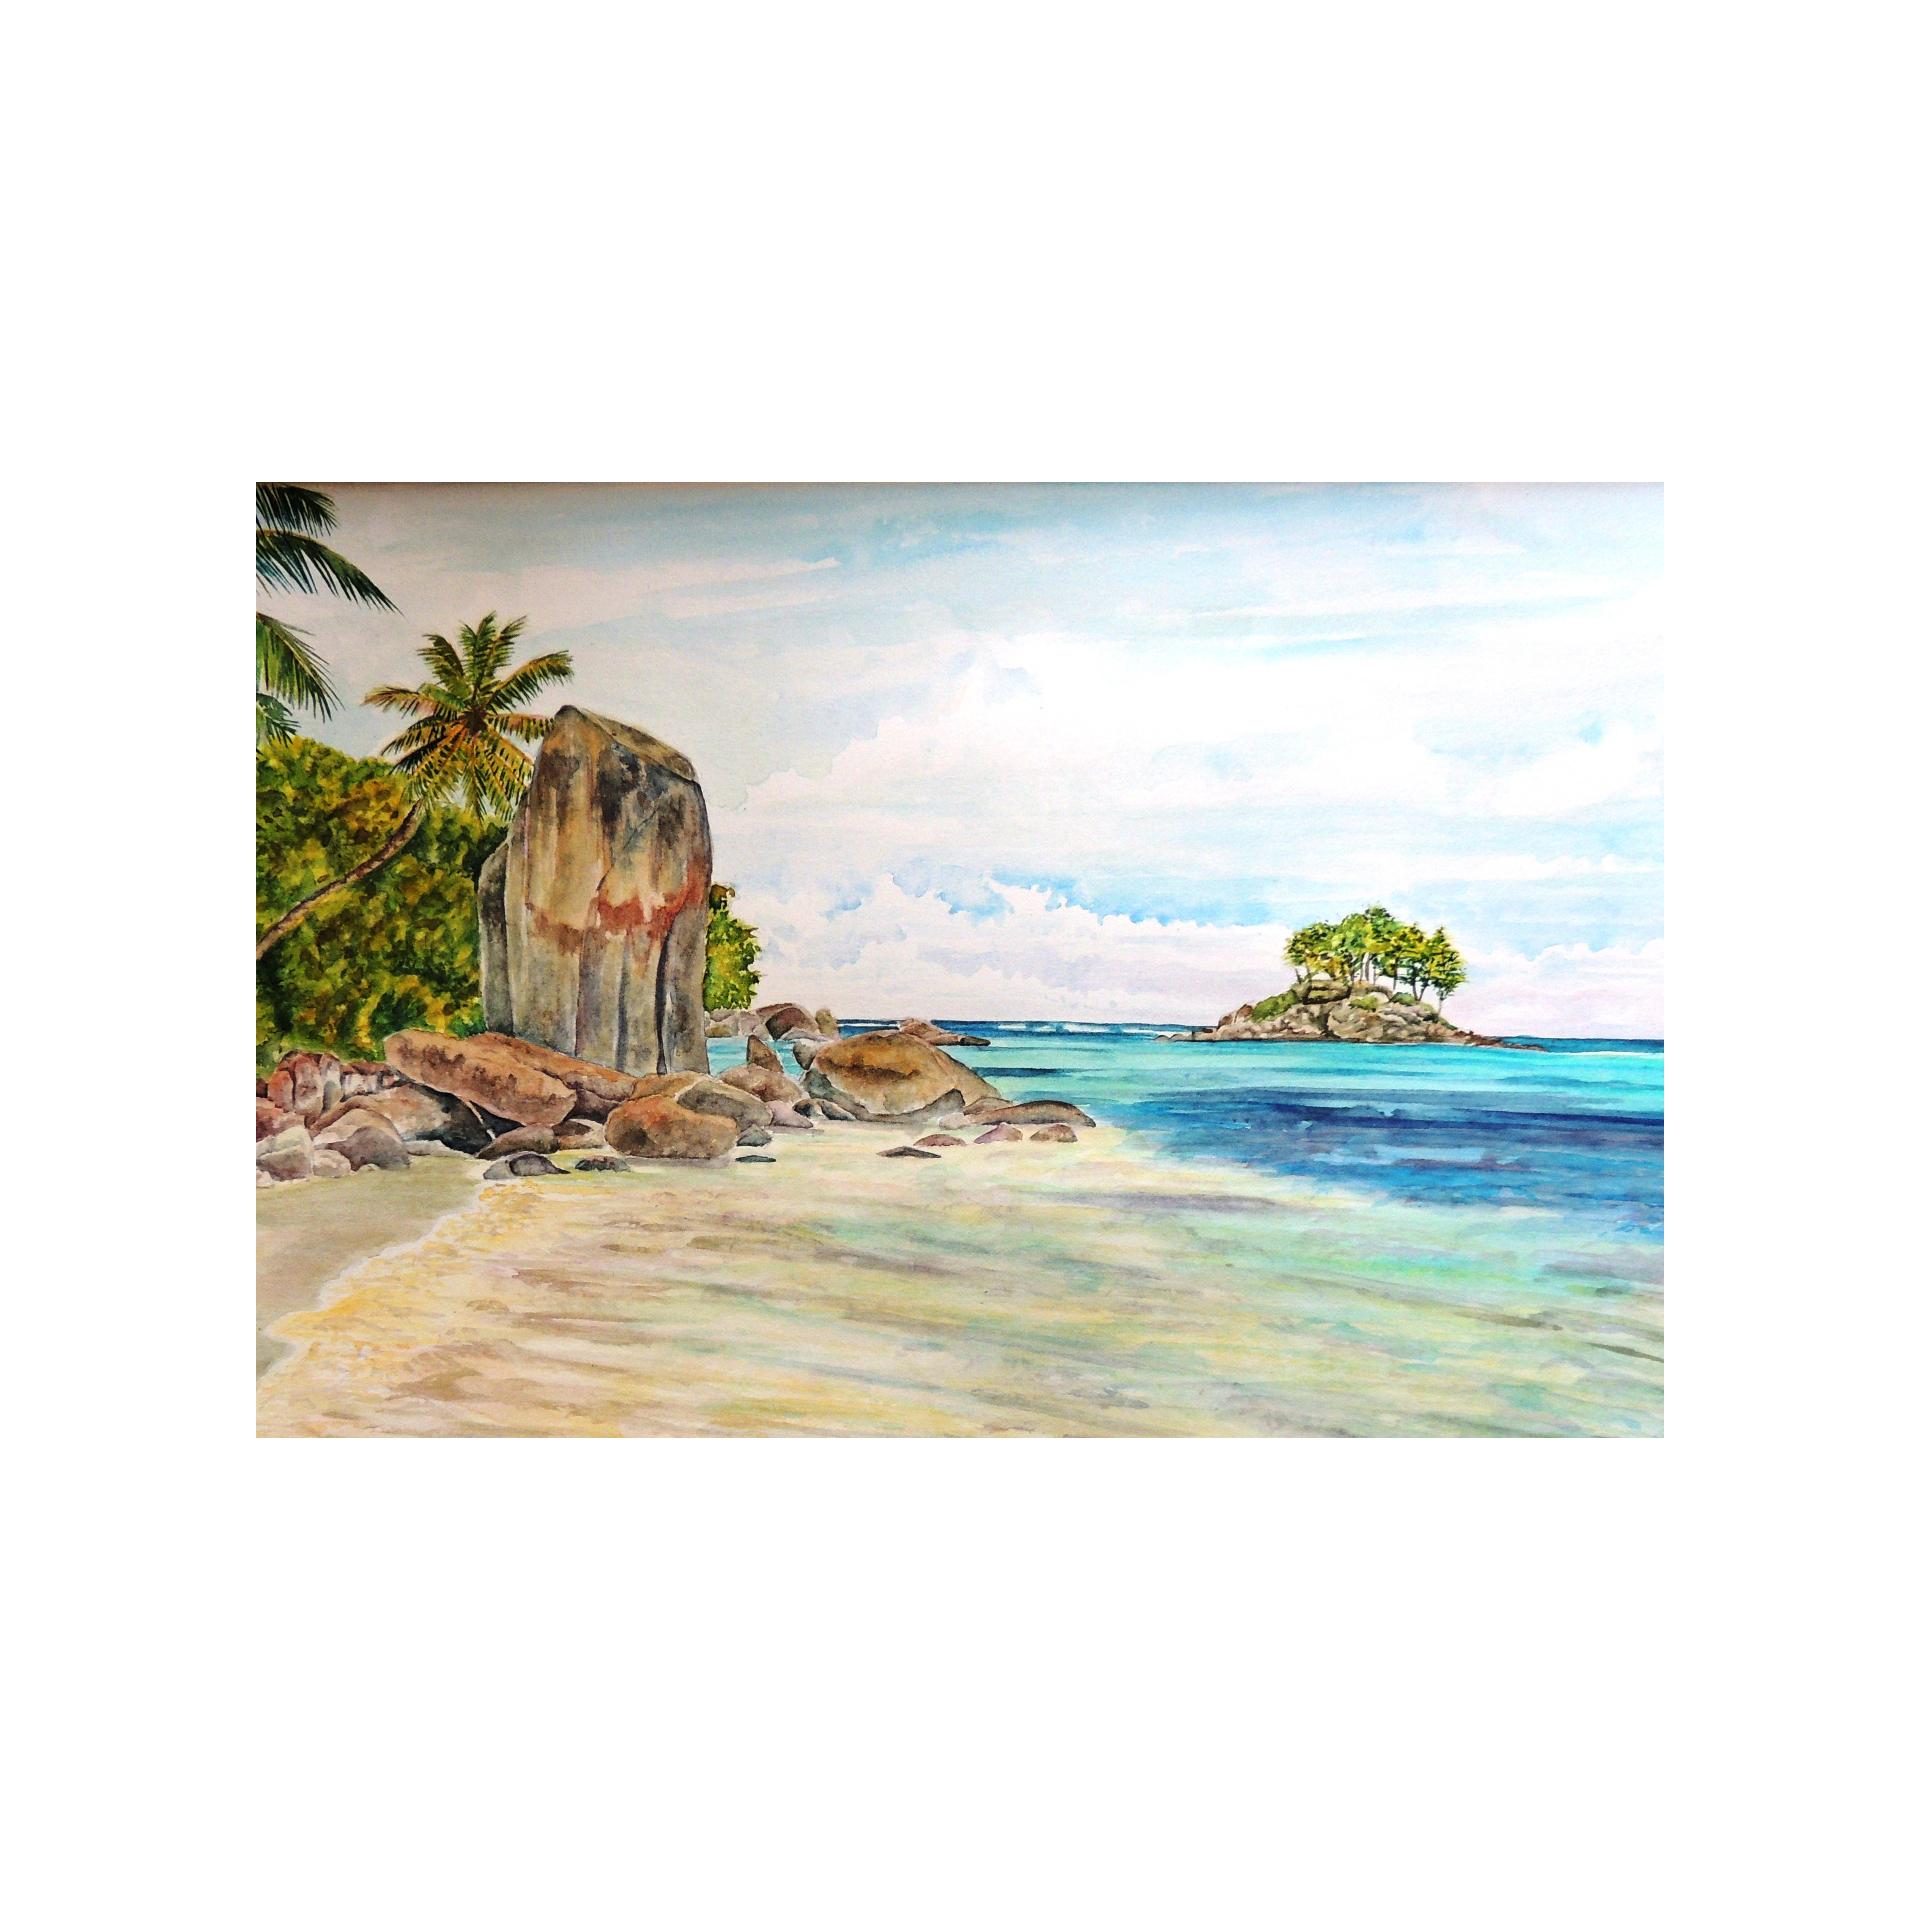 Anse Royale, Mahe, Seychelles